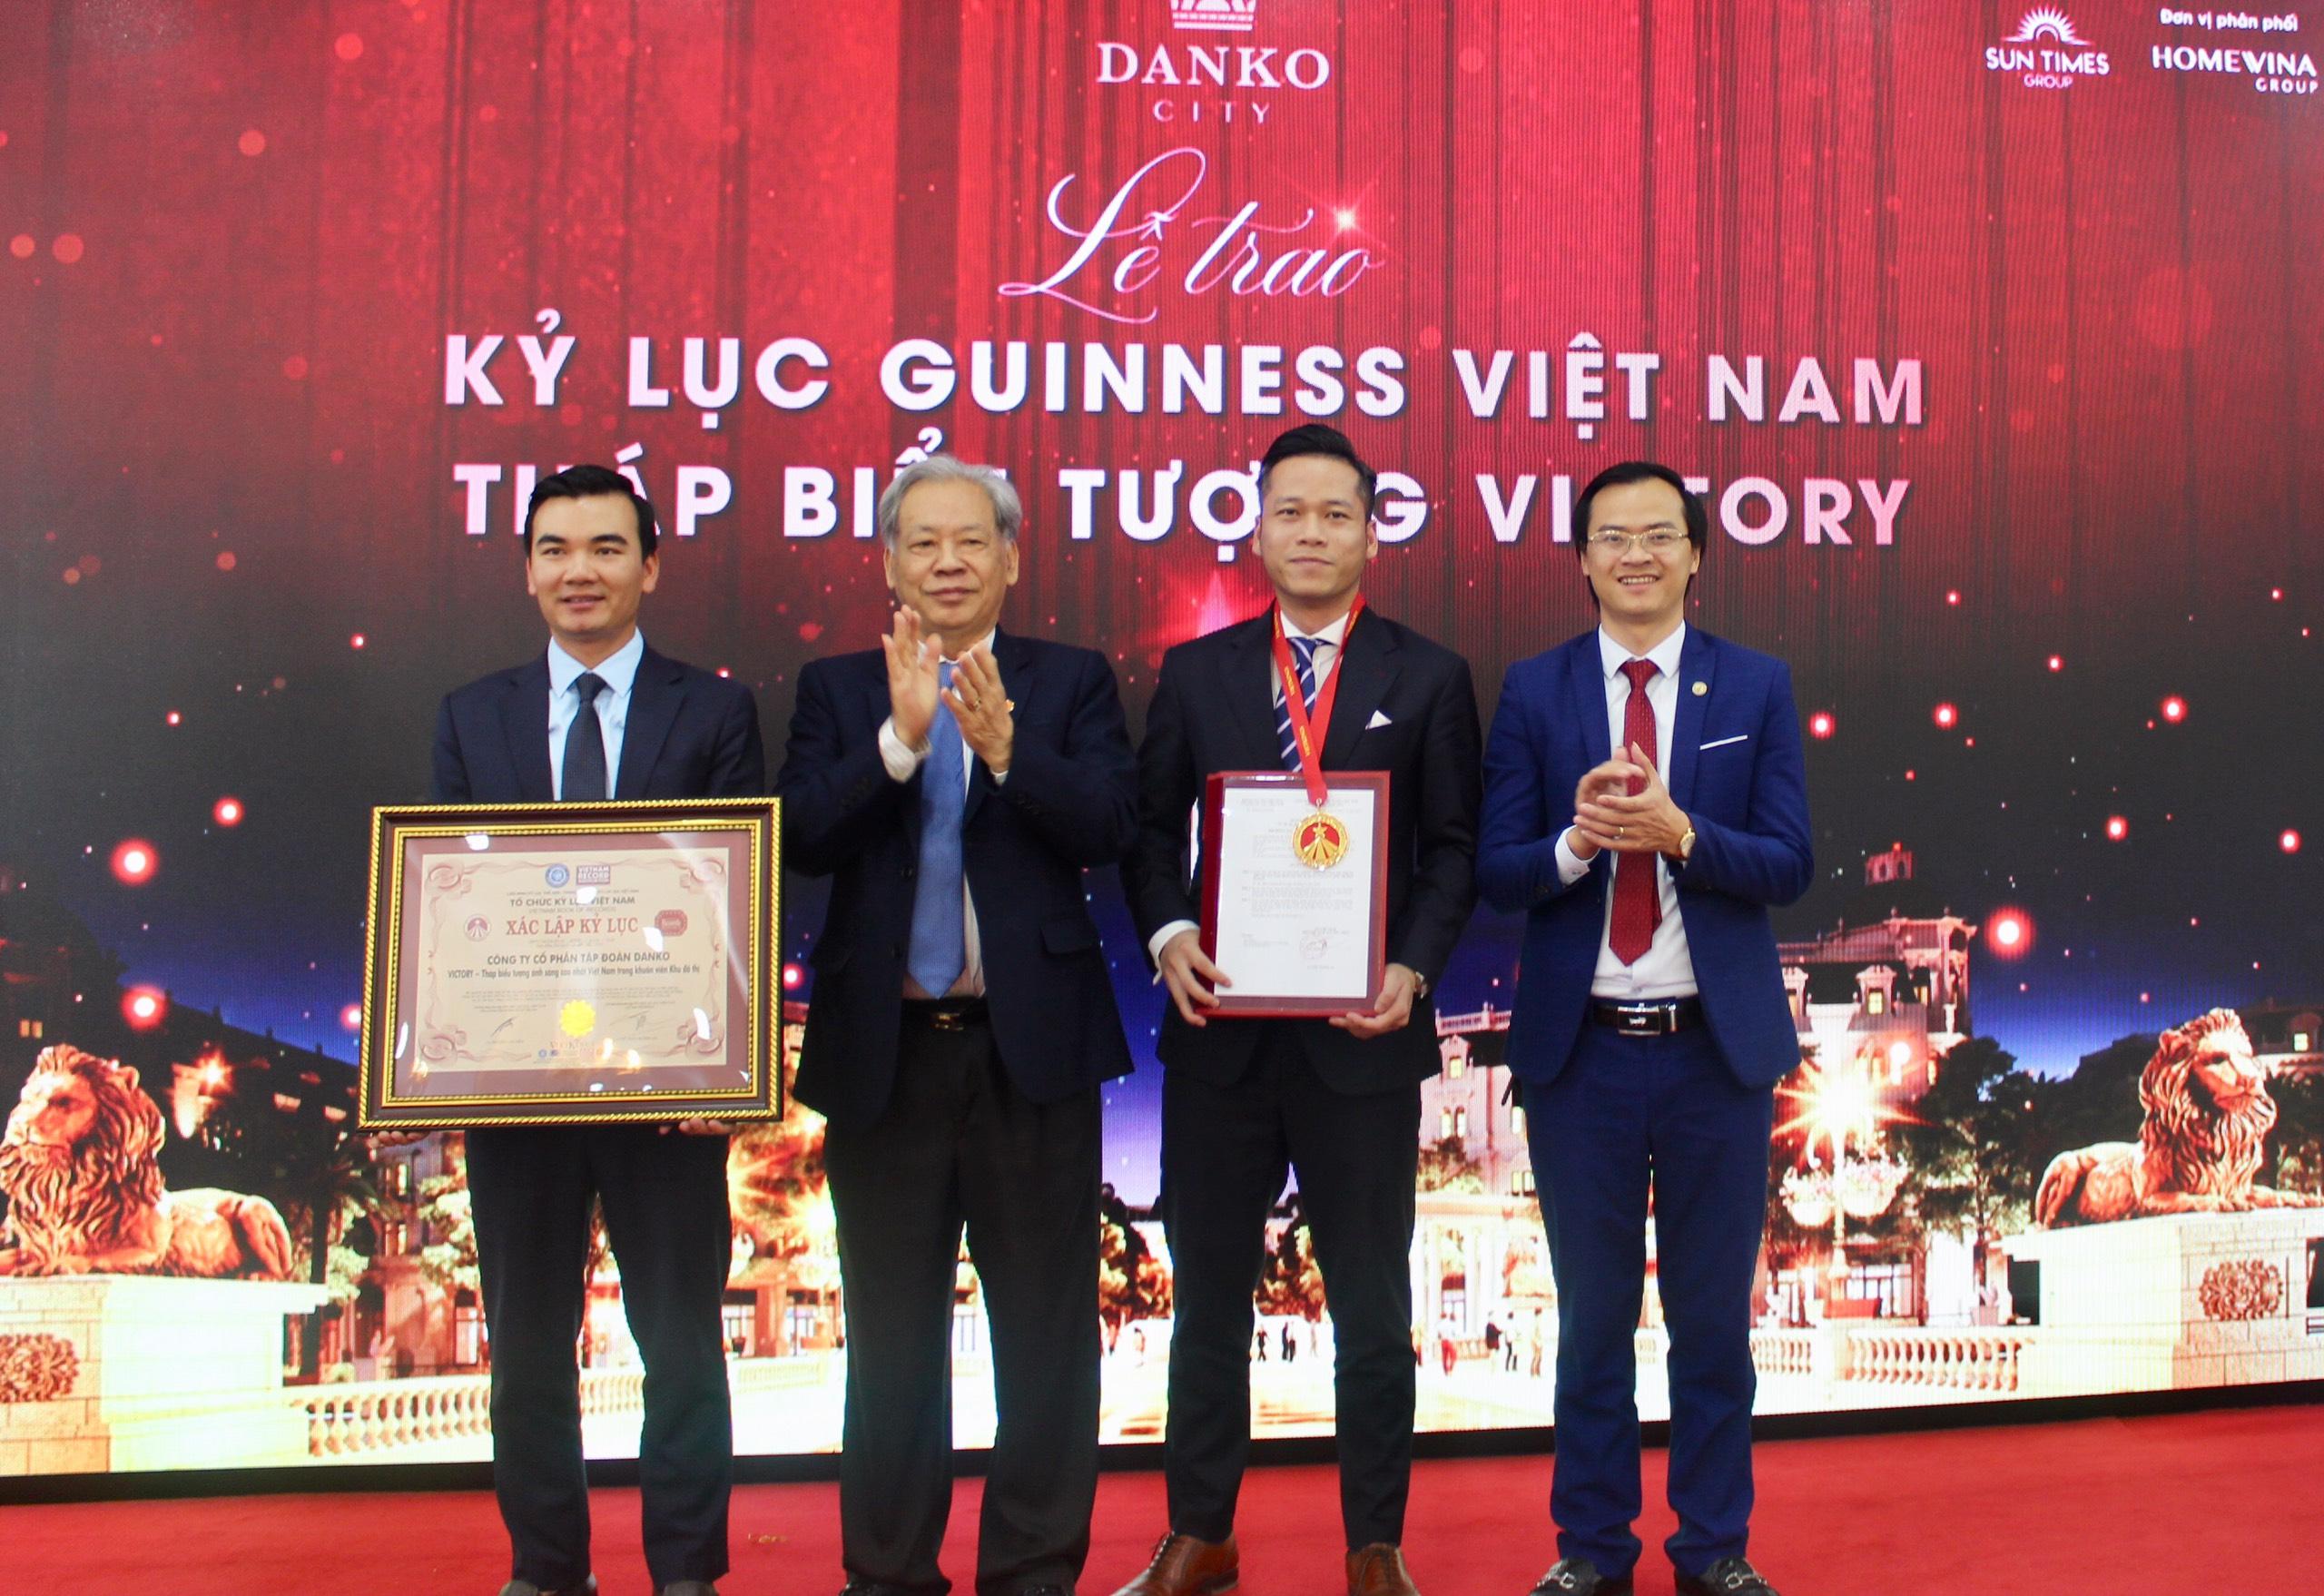 Tiến sĩ Thang Văn Phúc - Nguyên Thứ trưởng Bộ Nội vụ, Chủ tịch TW Hội Kỷ lục gia Việt Nam (Thứ 2 từ trái qua) trao bằng xác lập và huy hiệu Kỷ lục đến đại diện Công ty CP Tập đoàn DanKo